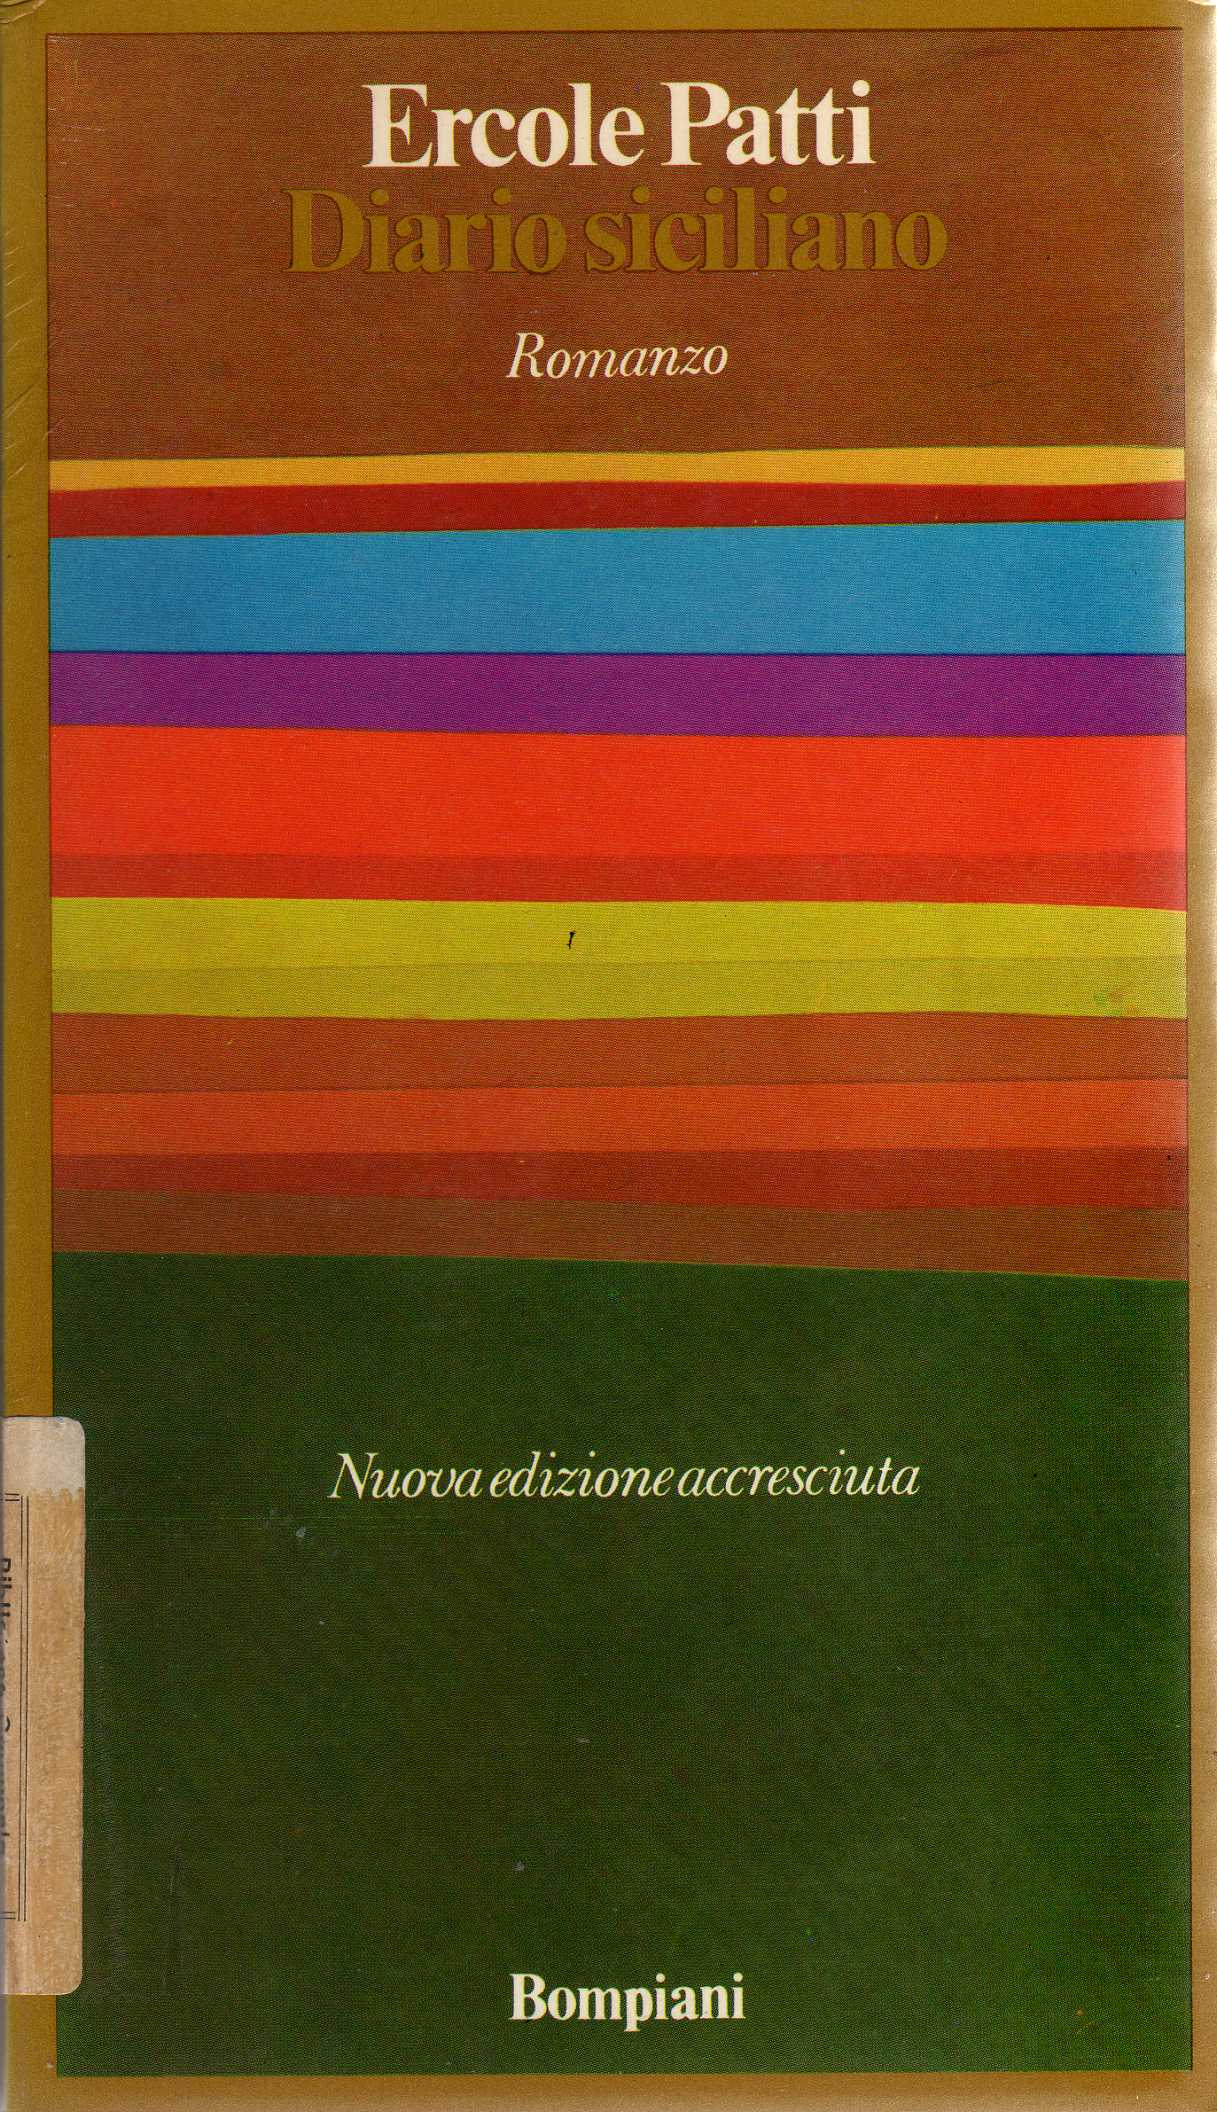 Diario siciliano